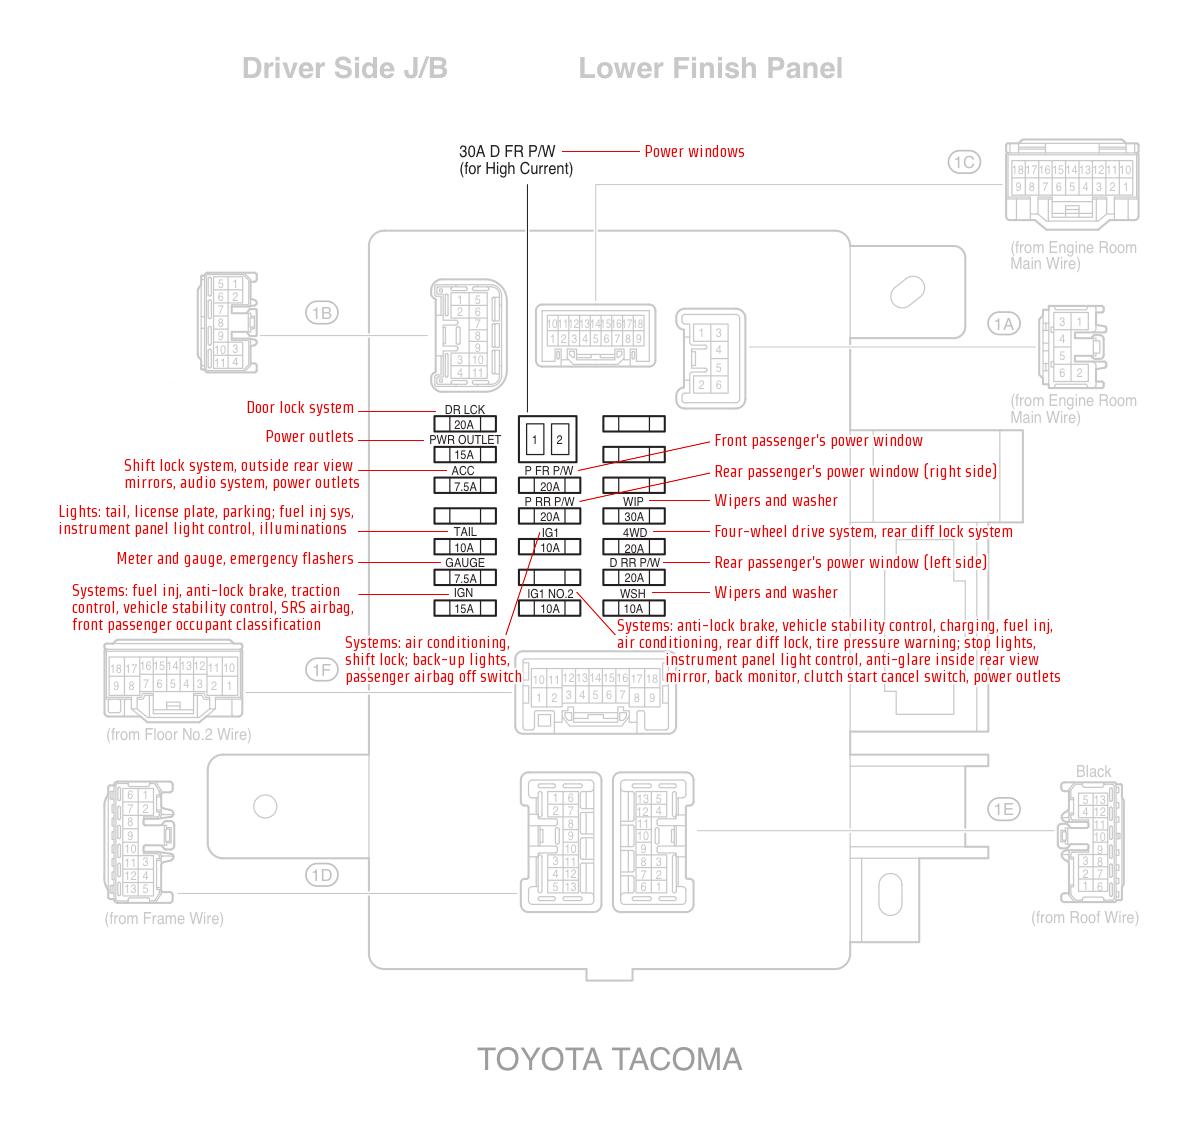 Toyota Tacoma 2007 Fuse Diagram Tacoma Toyota Tacoma Tacoma 2007